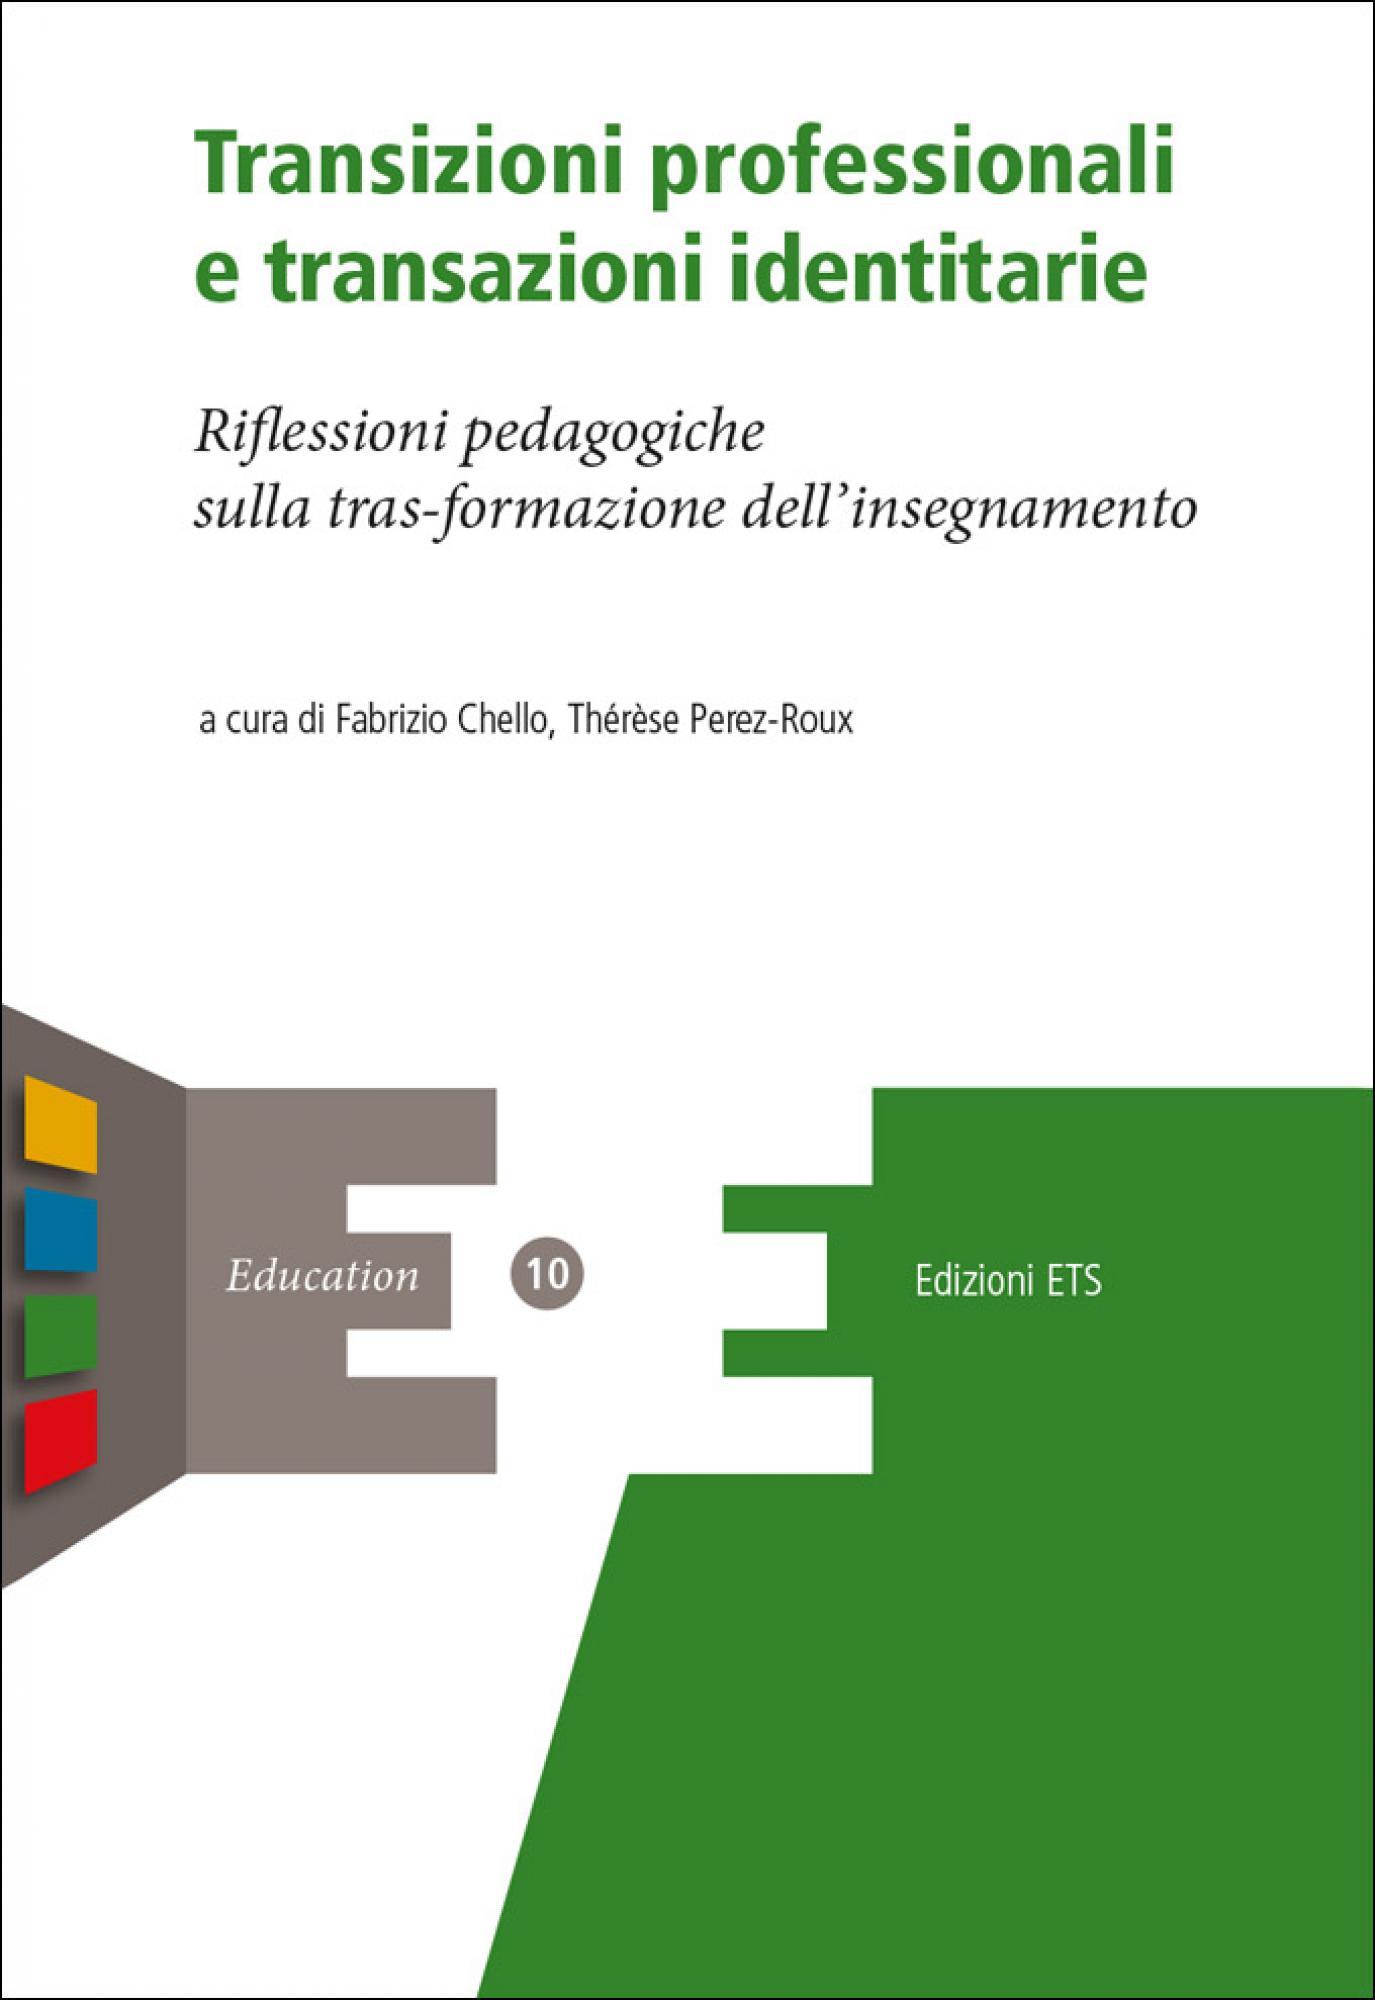 Transizioni professionali e transazioni identitarie.Riflessioni pedagogiche sulla tras-formazione dell'insegnamento